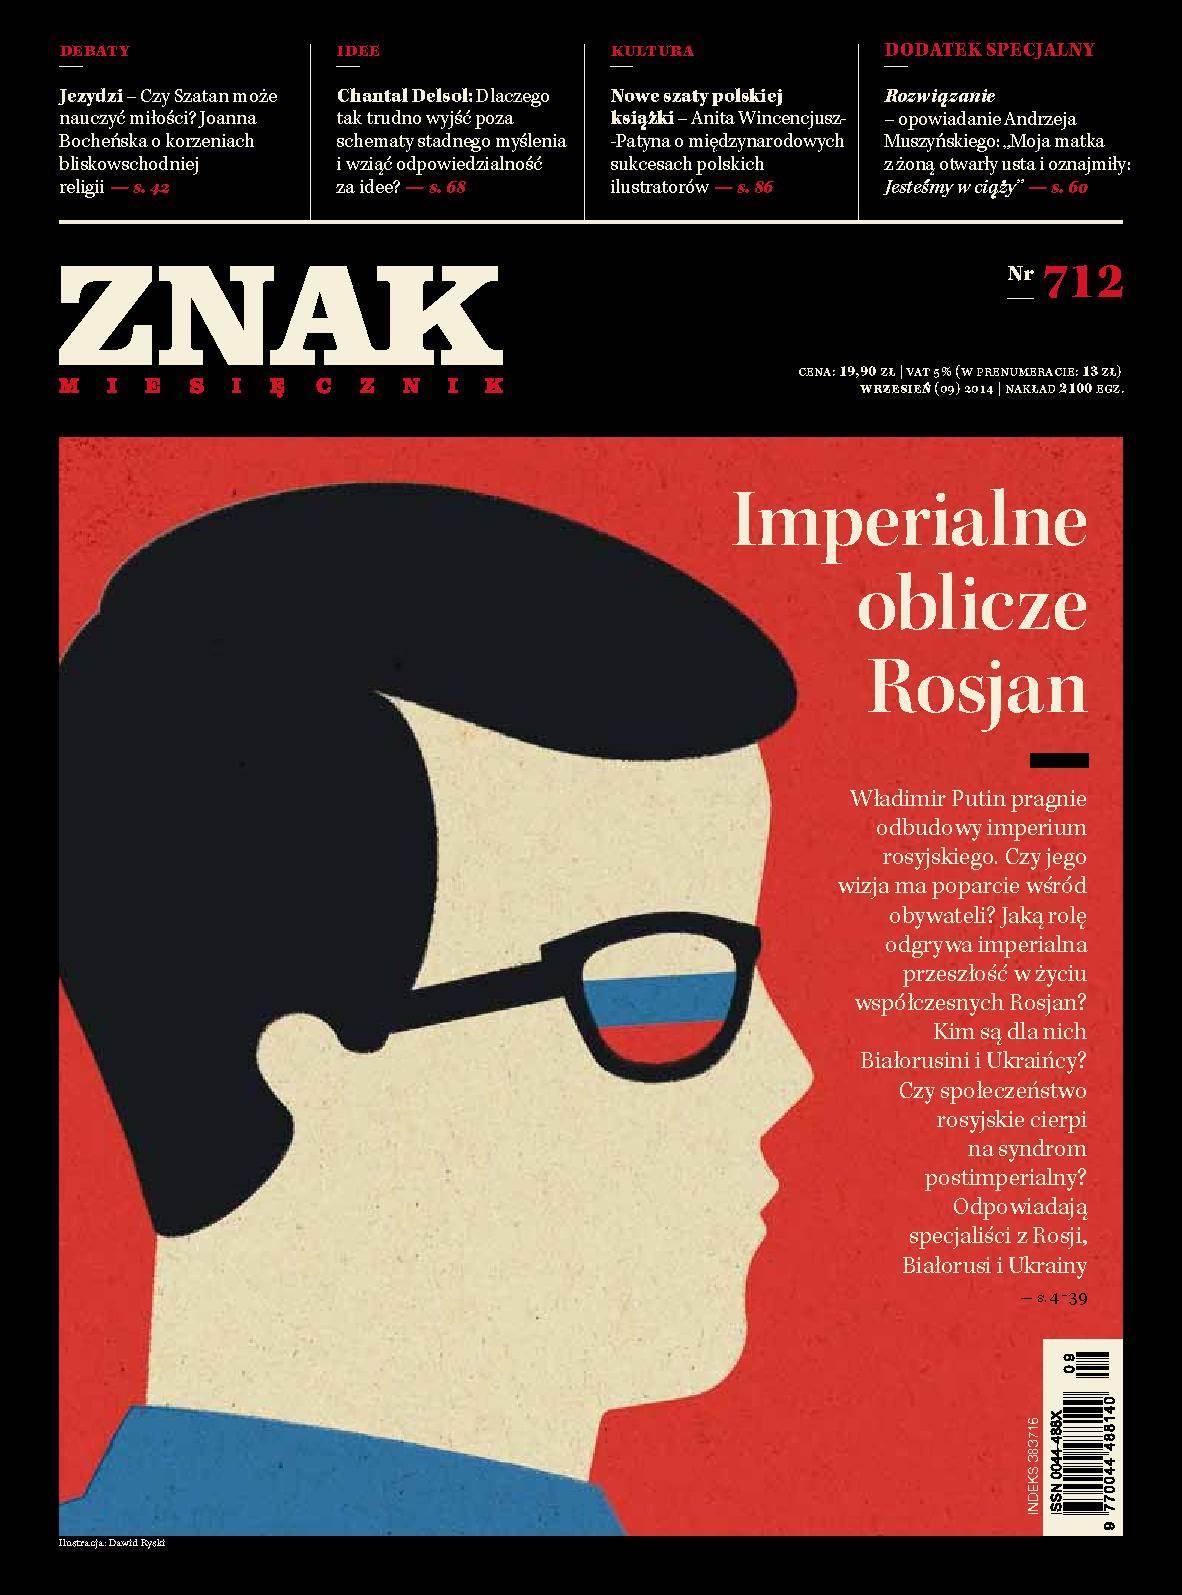 Miesięcznik Znak. Wrzesień 2014 - Ebook (Książka EPUB) do pobrania w formacie EPUB